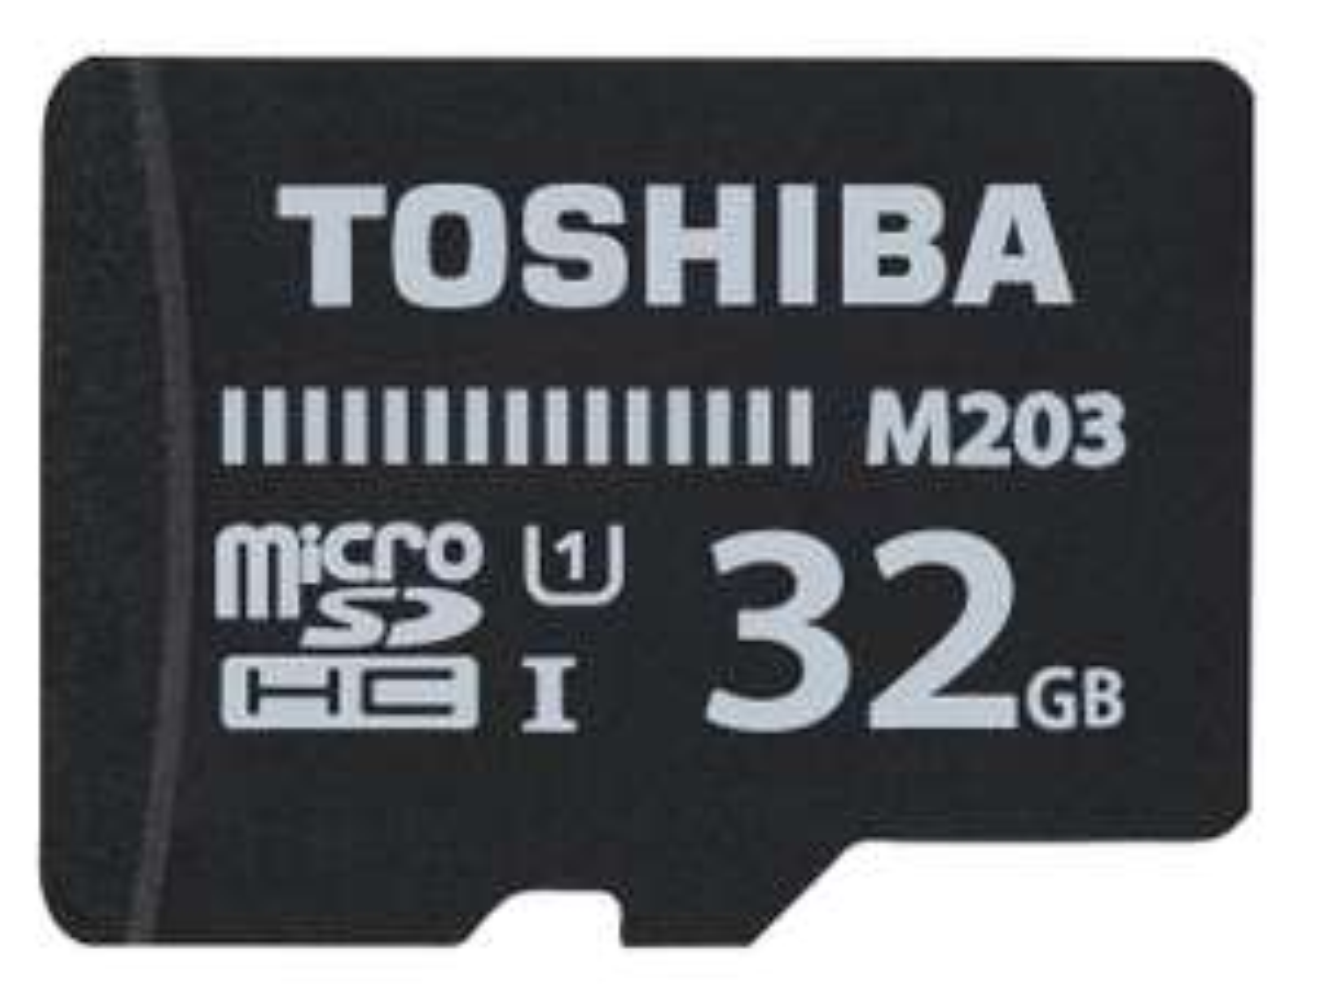 Toshiba M203 32GB microSDHC (100MB/s, Class 10) für 7,38€ [Zapalstyle]